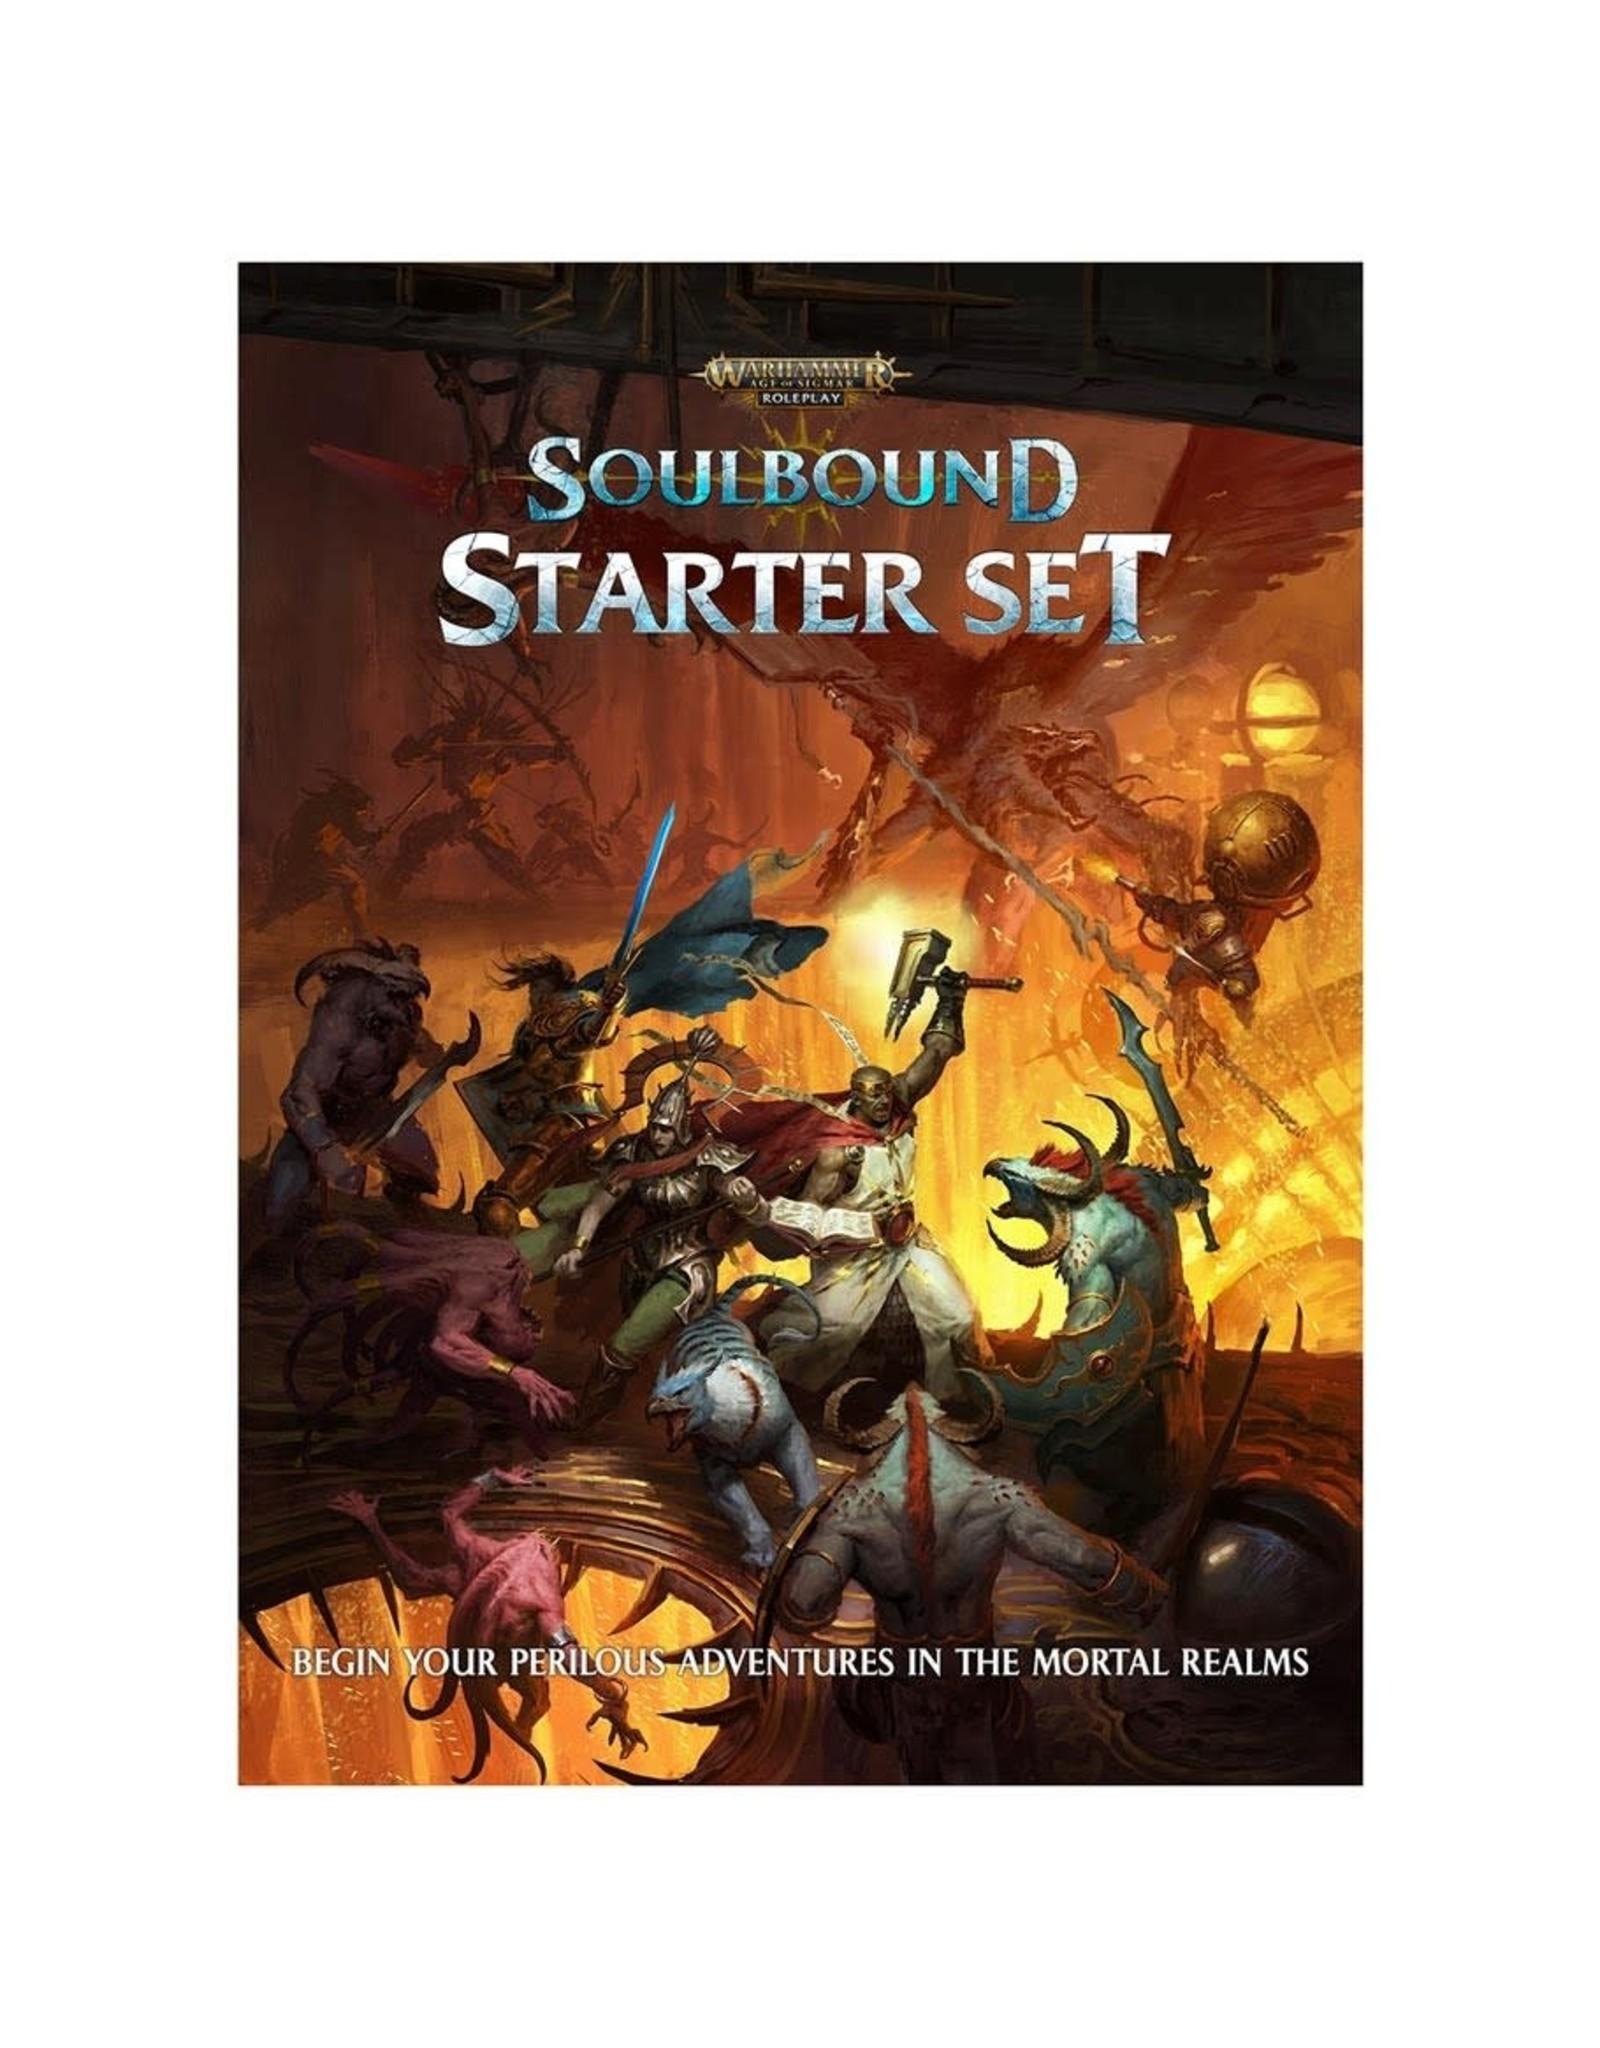 Cubicle Seven Warhammer Age of Sigmar - Soulbound RPG: Starter Set